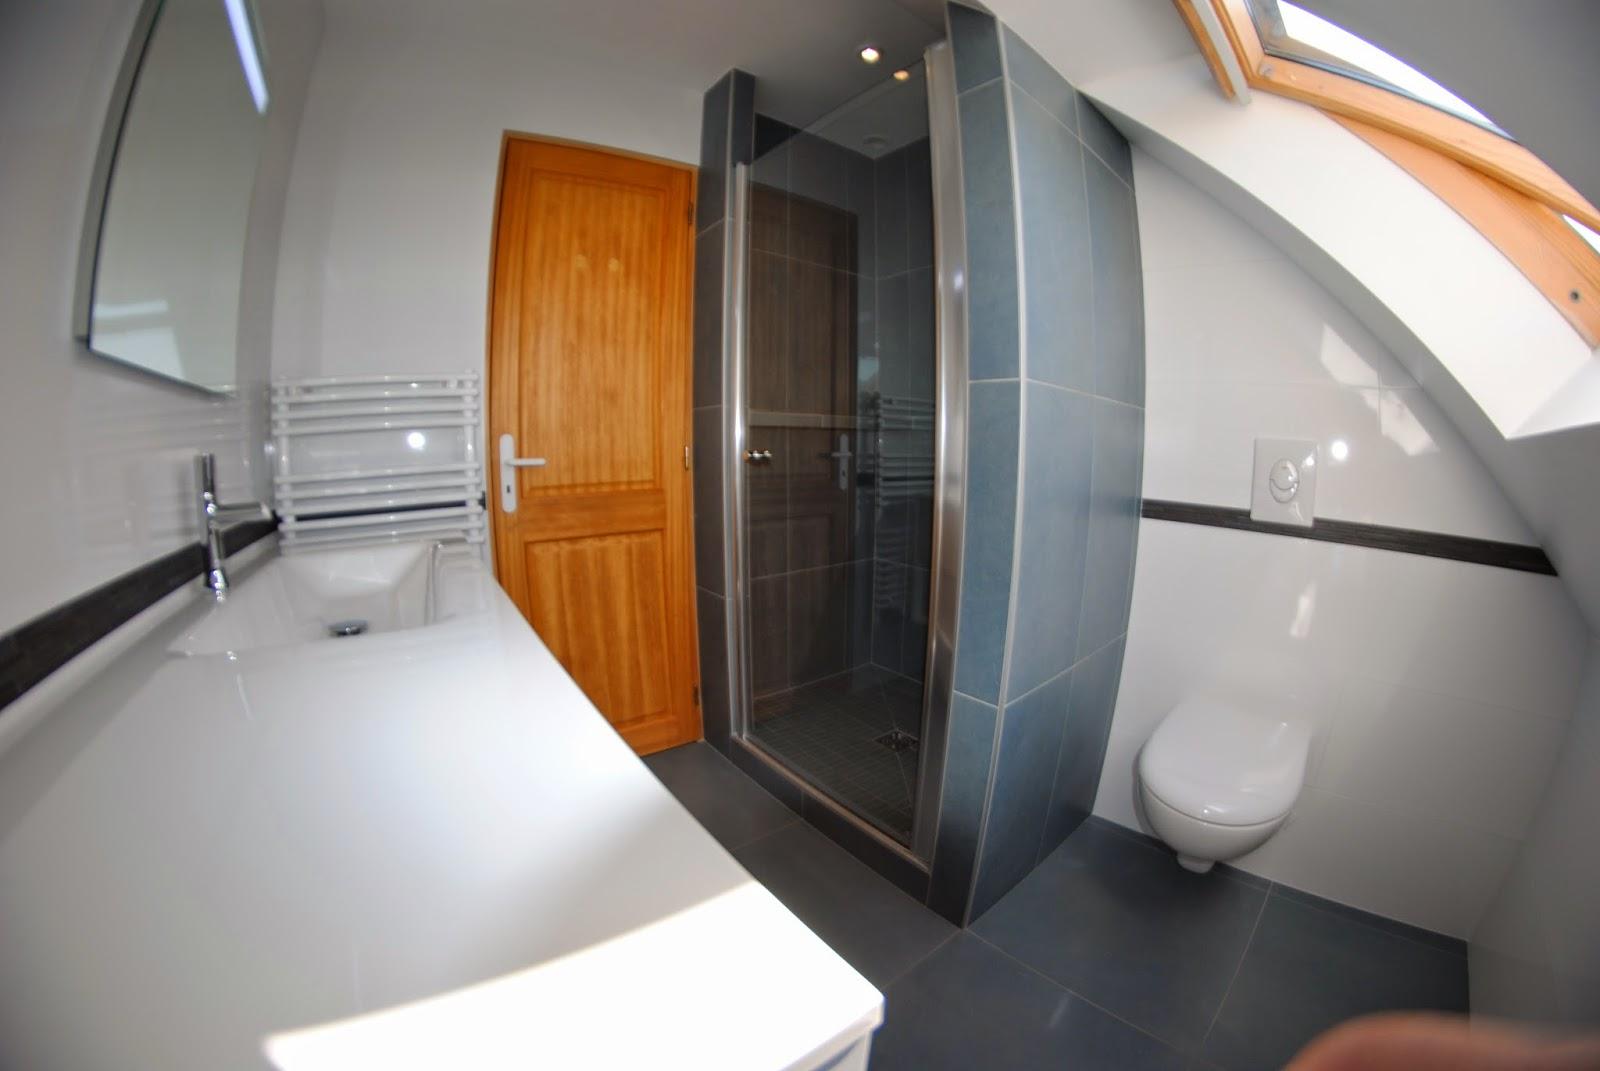 #86481B CREATION DE SALLES DE BAINS DOUCHE A L' ITALIENNE ET  2743 petite salle de bain haut de gamme 1600x1071 px @ aertt.com